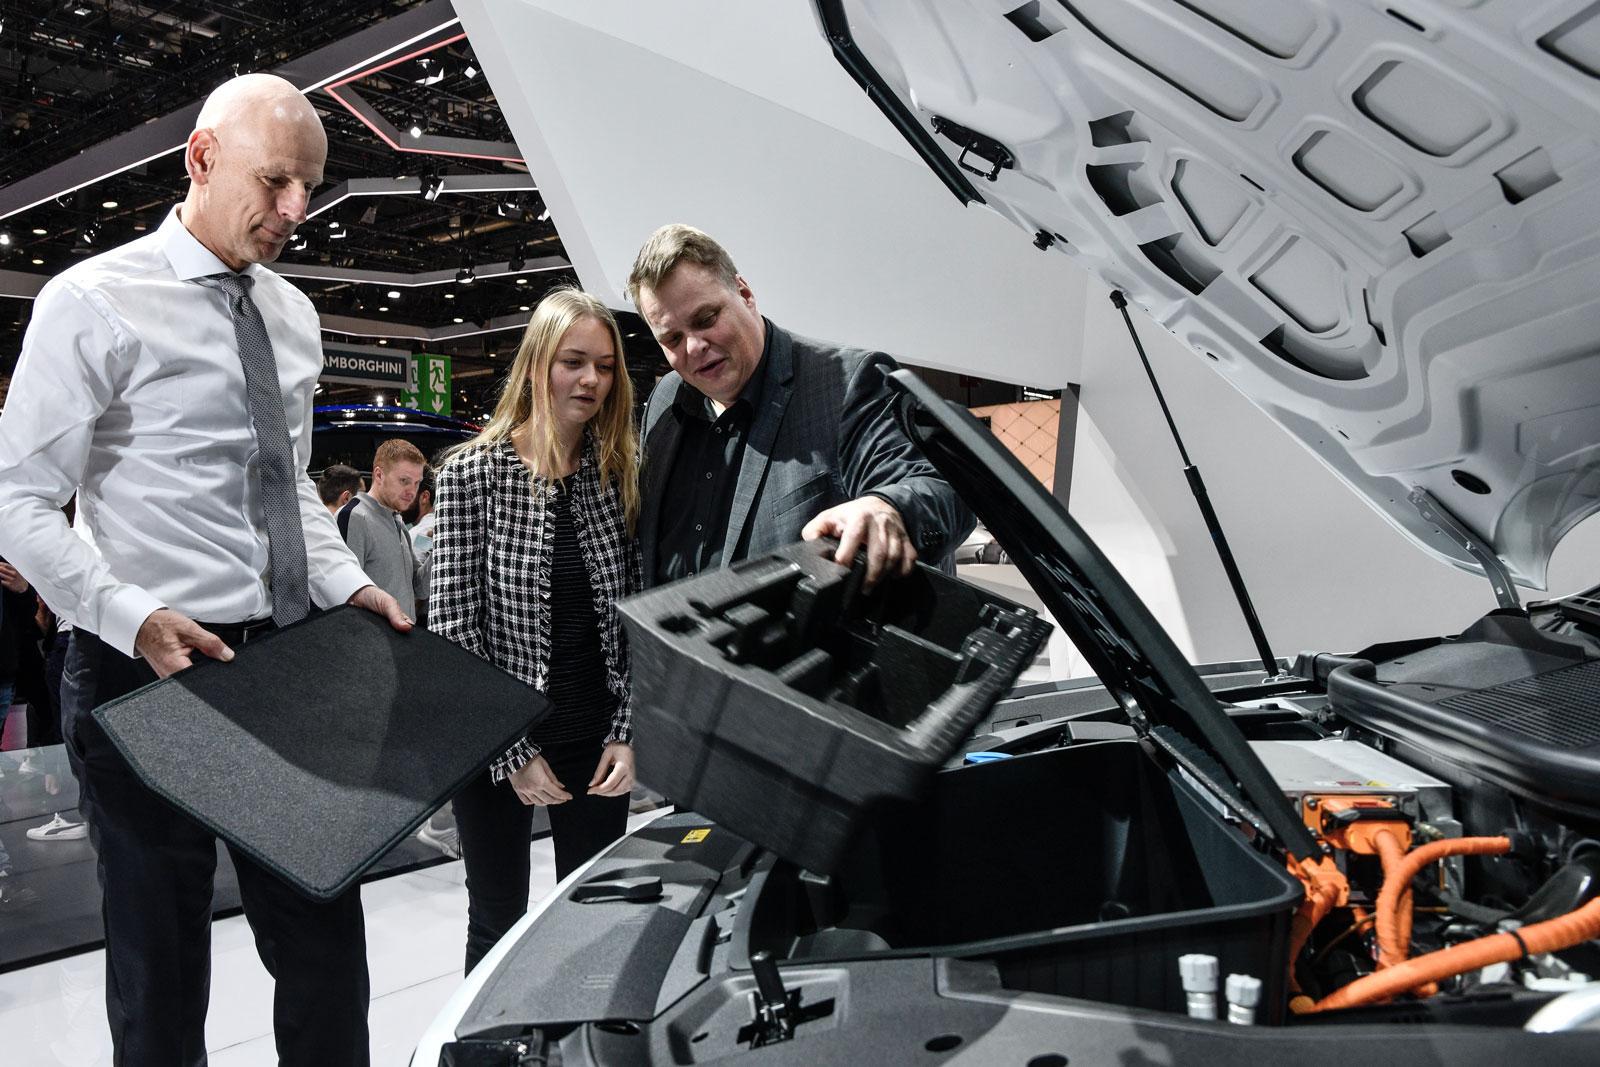 Sotto il cofano, un ripostiglio invece del motore: Lars Thomsen e sua figlia mentre danno un'occhiata all'Audi e-tron.